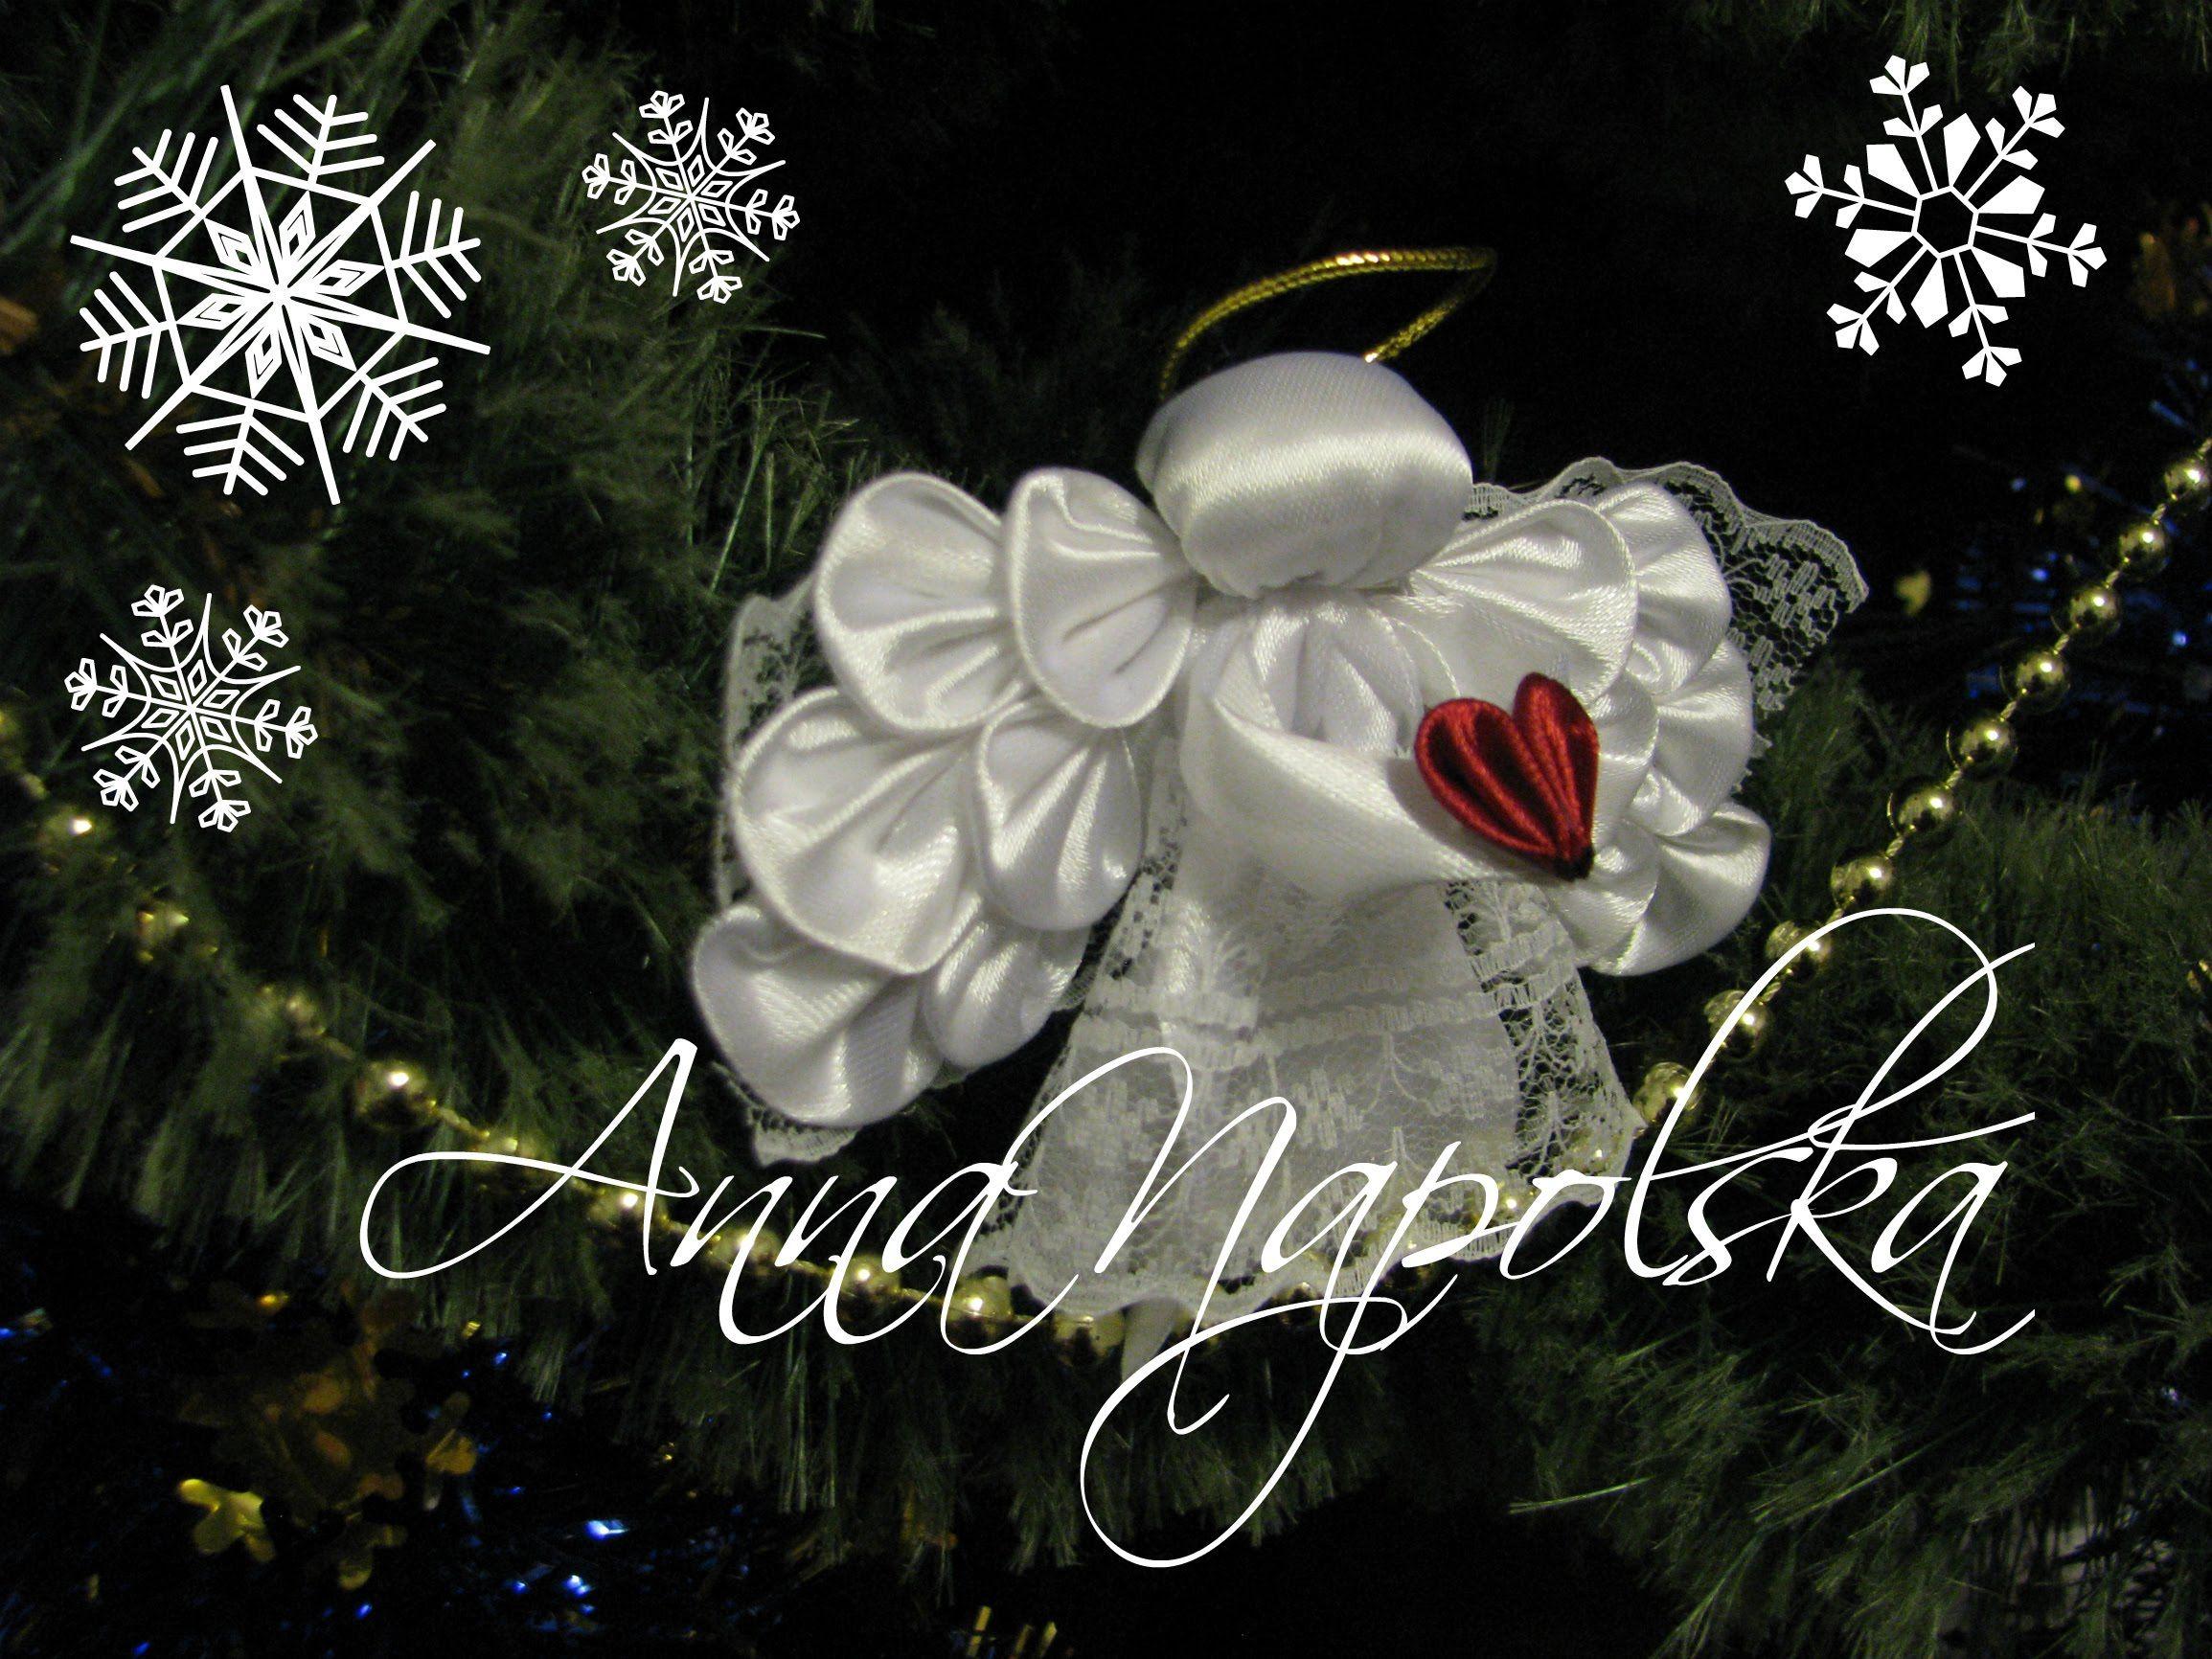 Різдвяне янгоРятко Рождественский ангеРочек Christmas angel